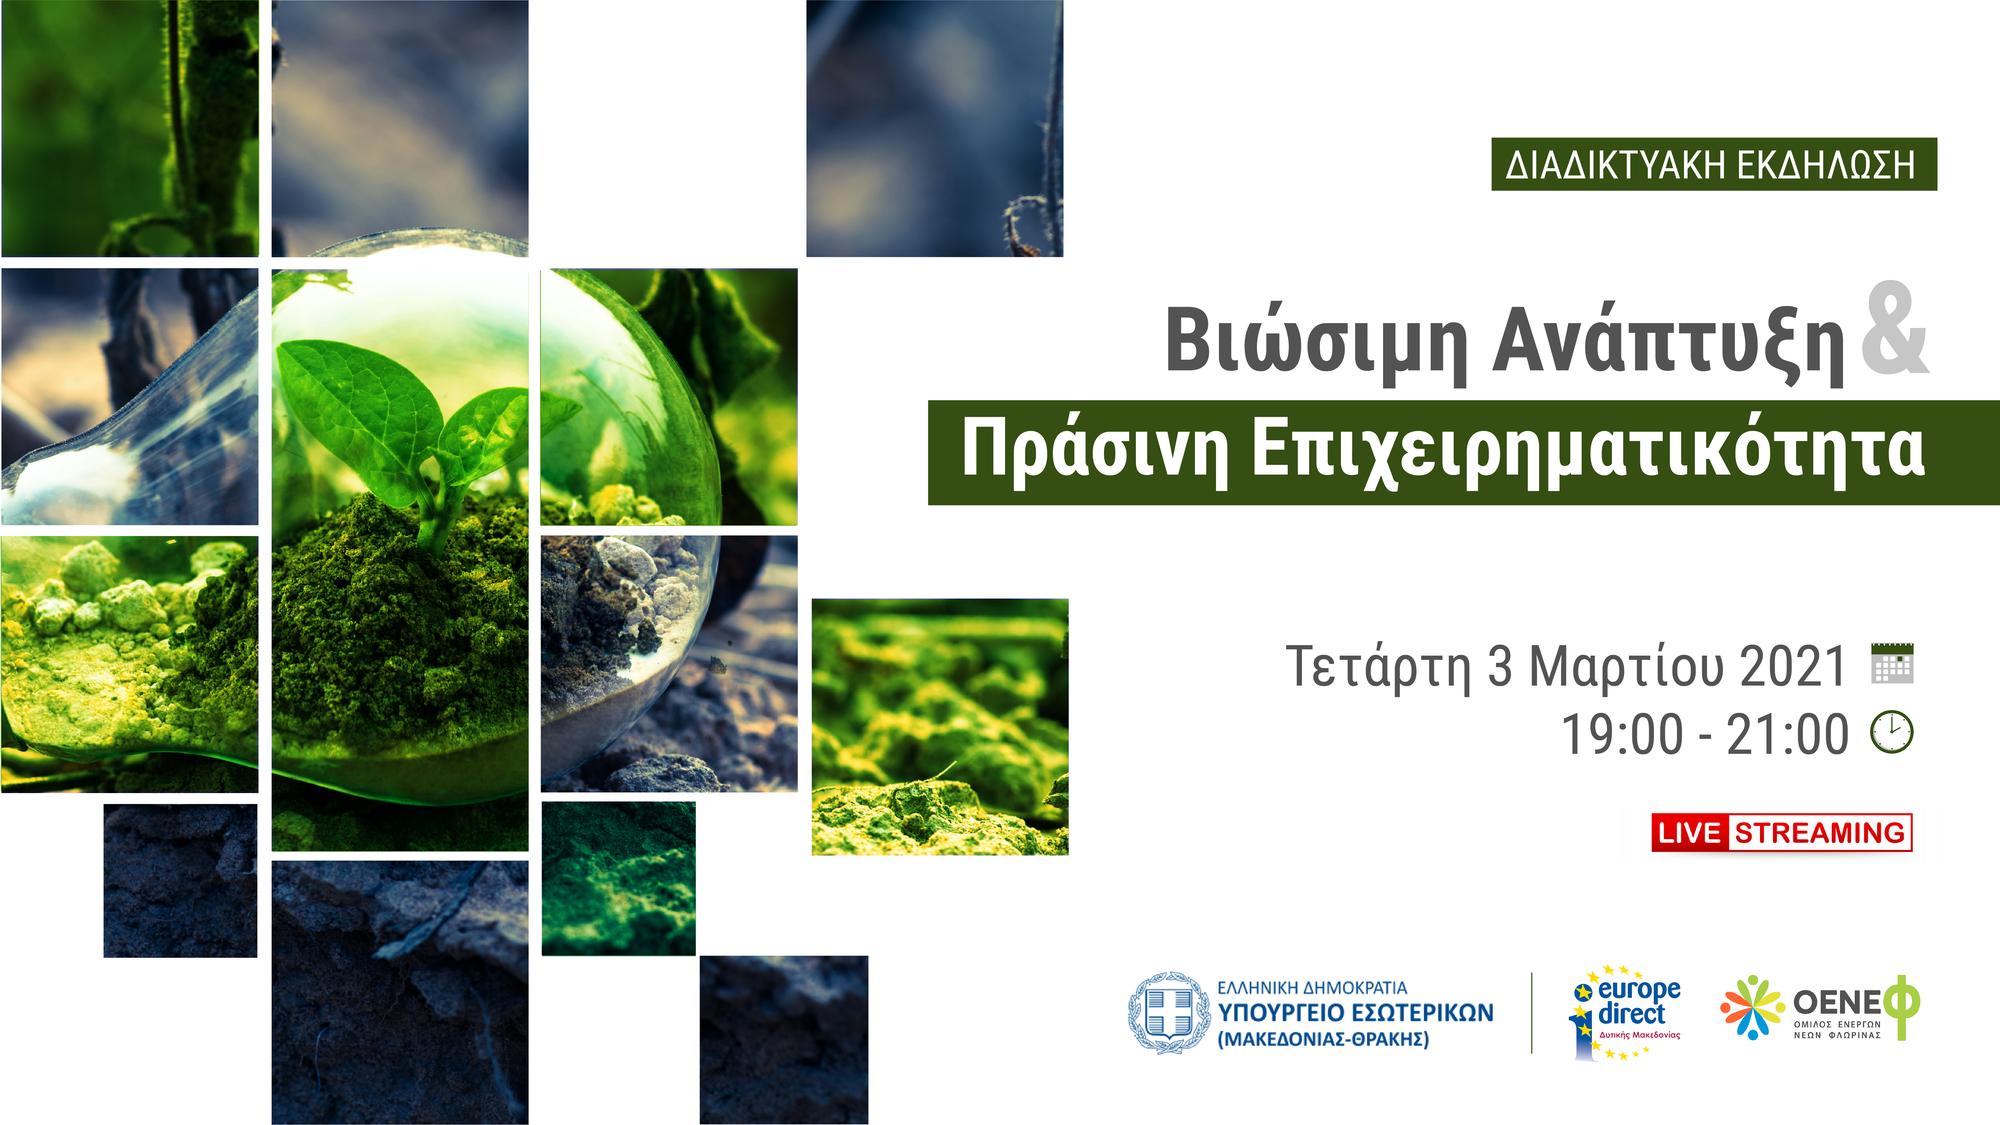 """""""Πράσινη Επιχειρηματικότητα και Bιώσιμη Aνάπτυξη στη Δυτική Μακεδονία"""": Ο Πρόεδρος του ΣΔΑΜ απαντά στους πολίτες"""